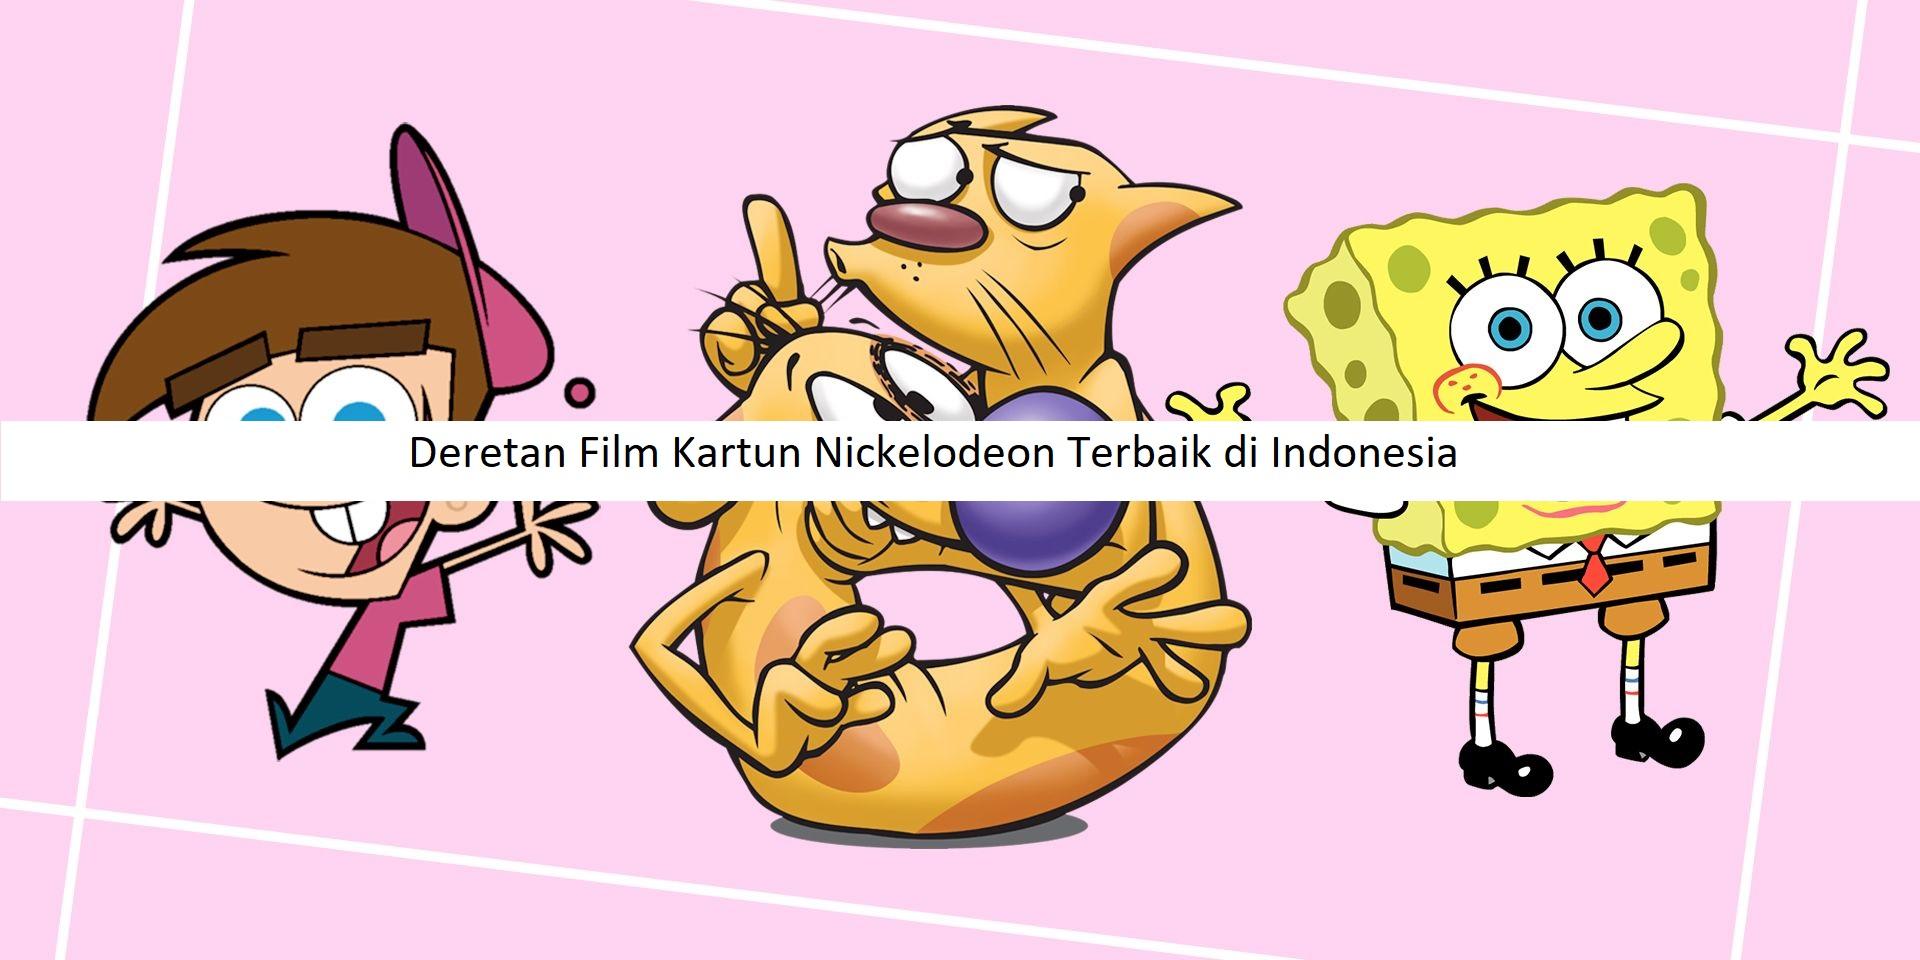 Deretan Film Kartun Nickelodeon Terbaik di Indonesia